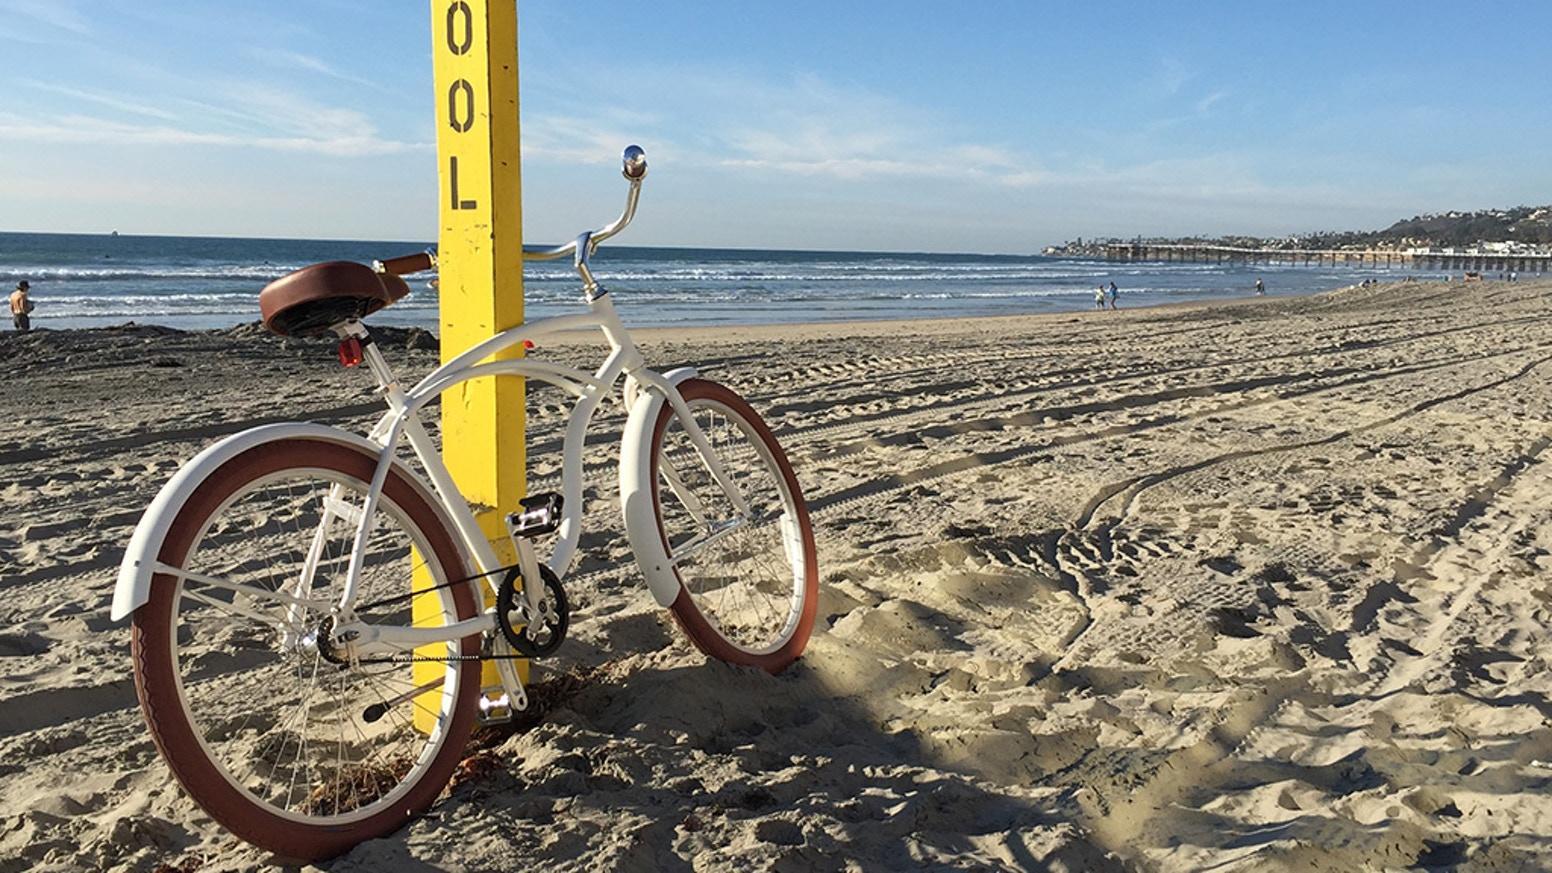 Beach Bike & Tone